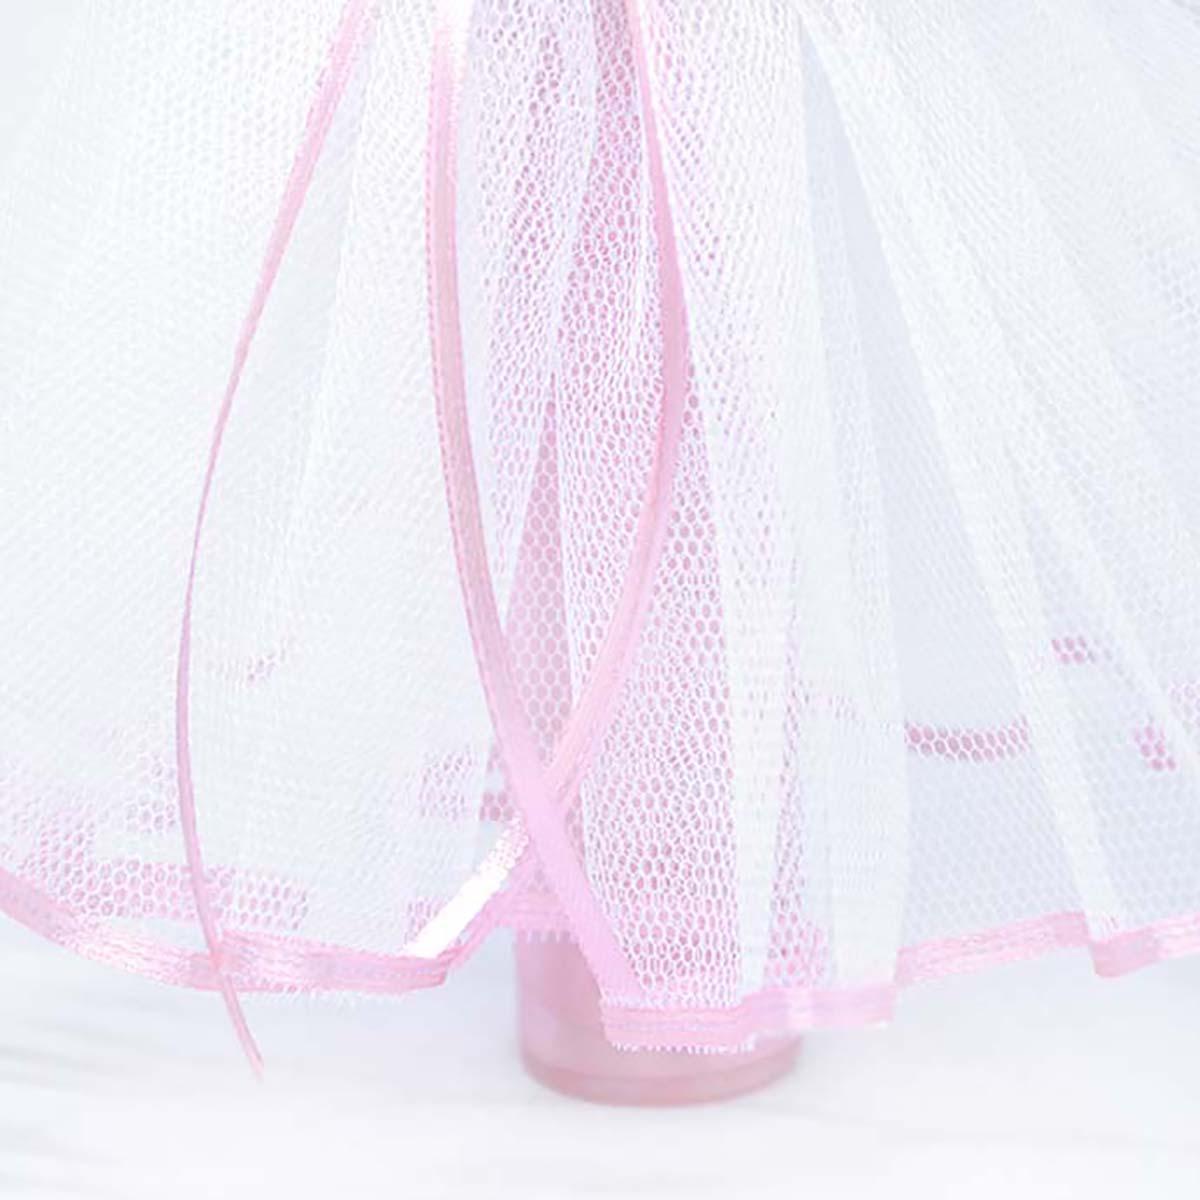 til suknjica bijelo roza na svijeći Diamond rose heart